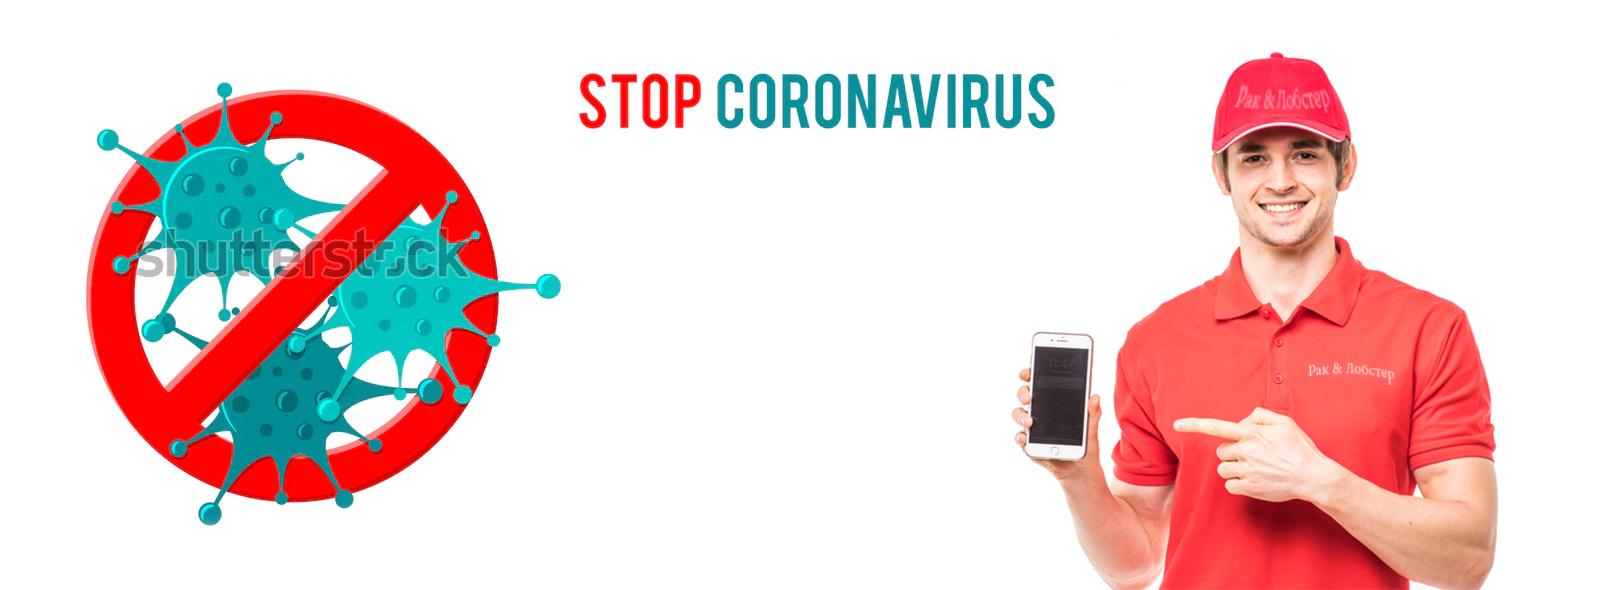 Остановим коронавирус! Новая услуга безопасной бесконтактной доставки.